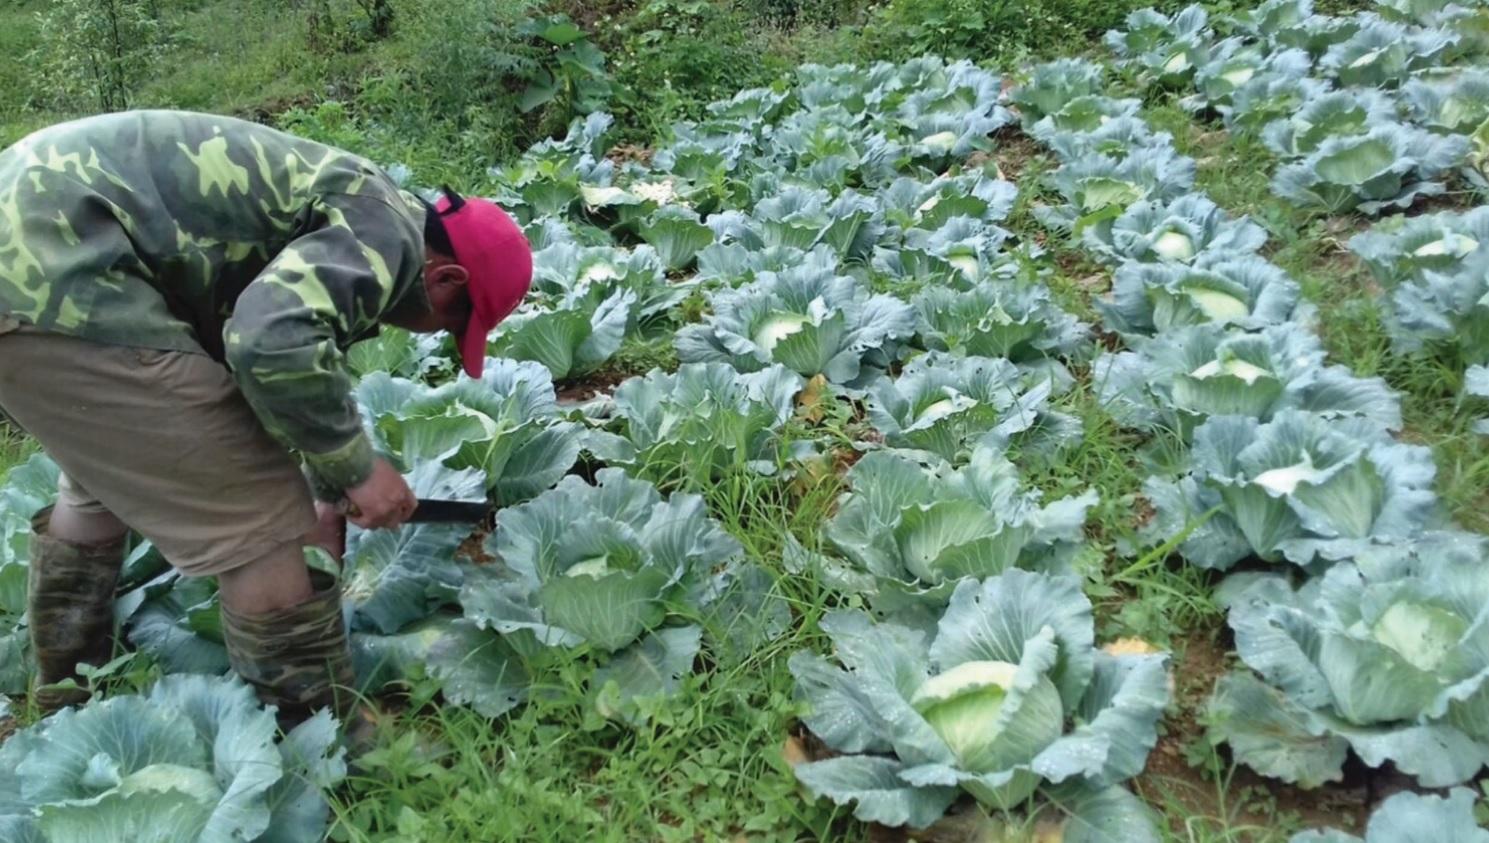 Xã viên của HTX Dịch vụ và Phát triển Nông nghiệp Tam Hòa đang thu hoạch rau sạch.